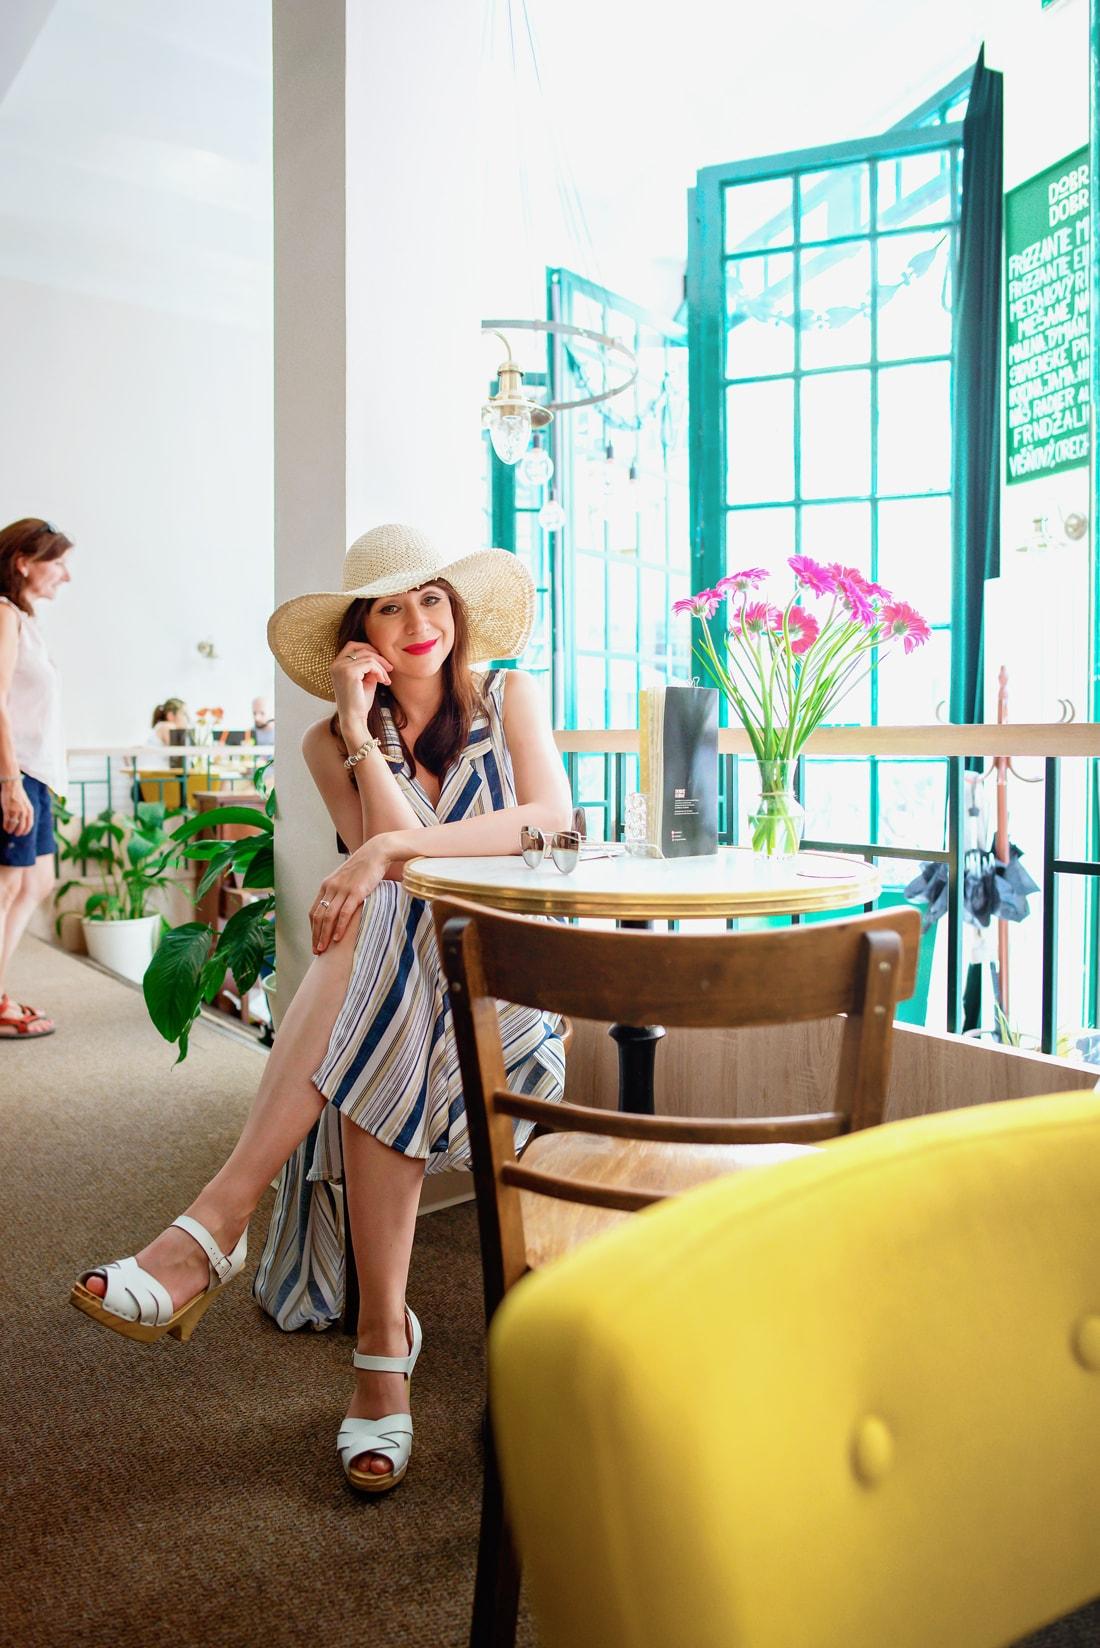 VIETE, KTORÉ ŠATY NESMIETE PREHLIADNUŤ?_Katharine-fashion is beautiful_blog 13_Pružkované šaty_Slnečné okuliare LetnýHit_Dreváky Sandgrens_Katarína Jakubčová_Fashion blogger